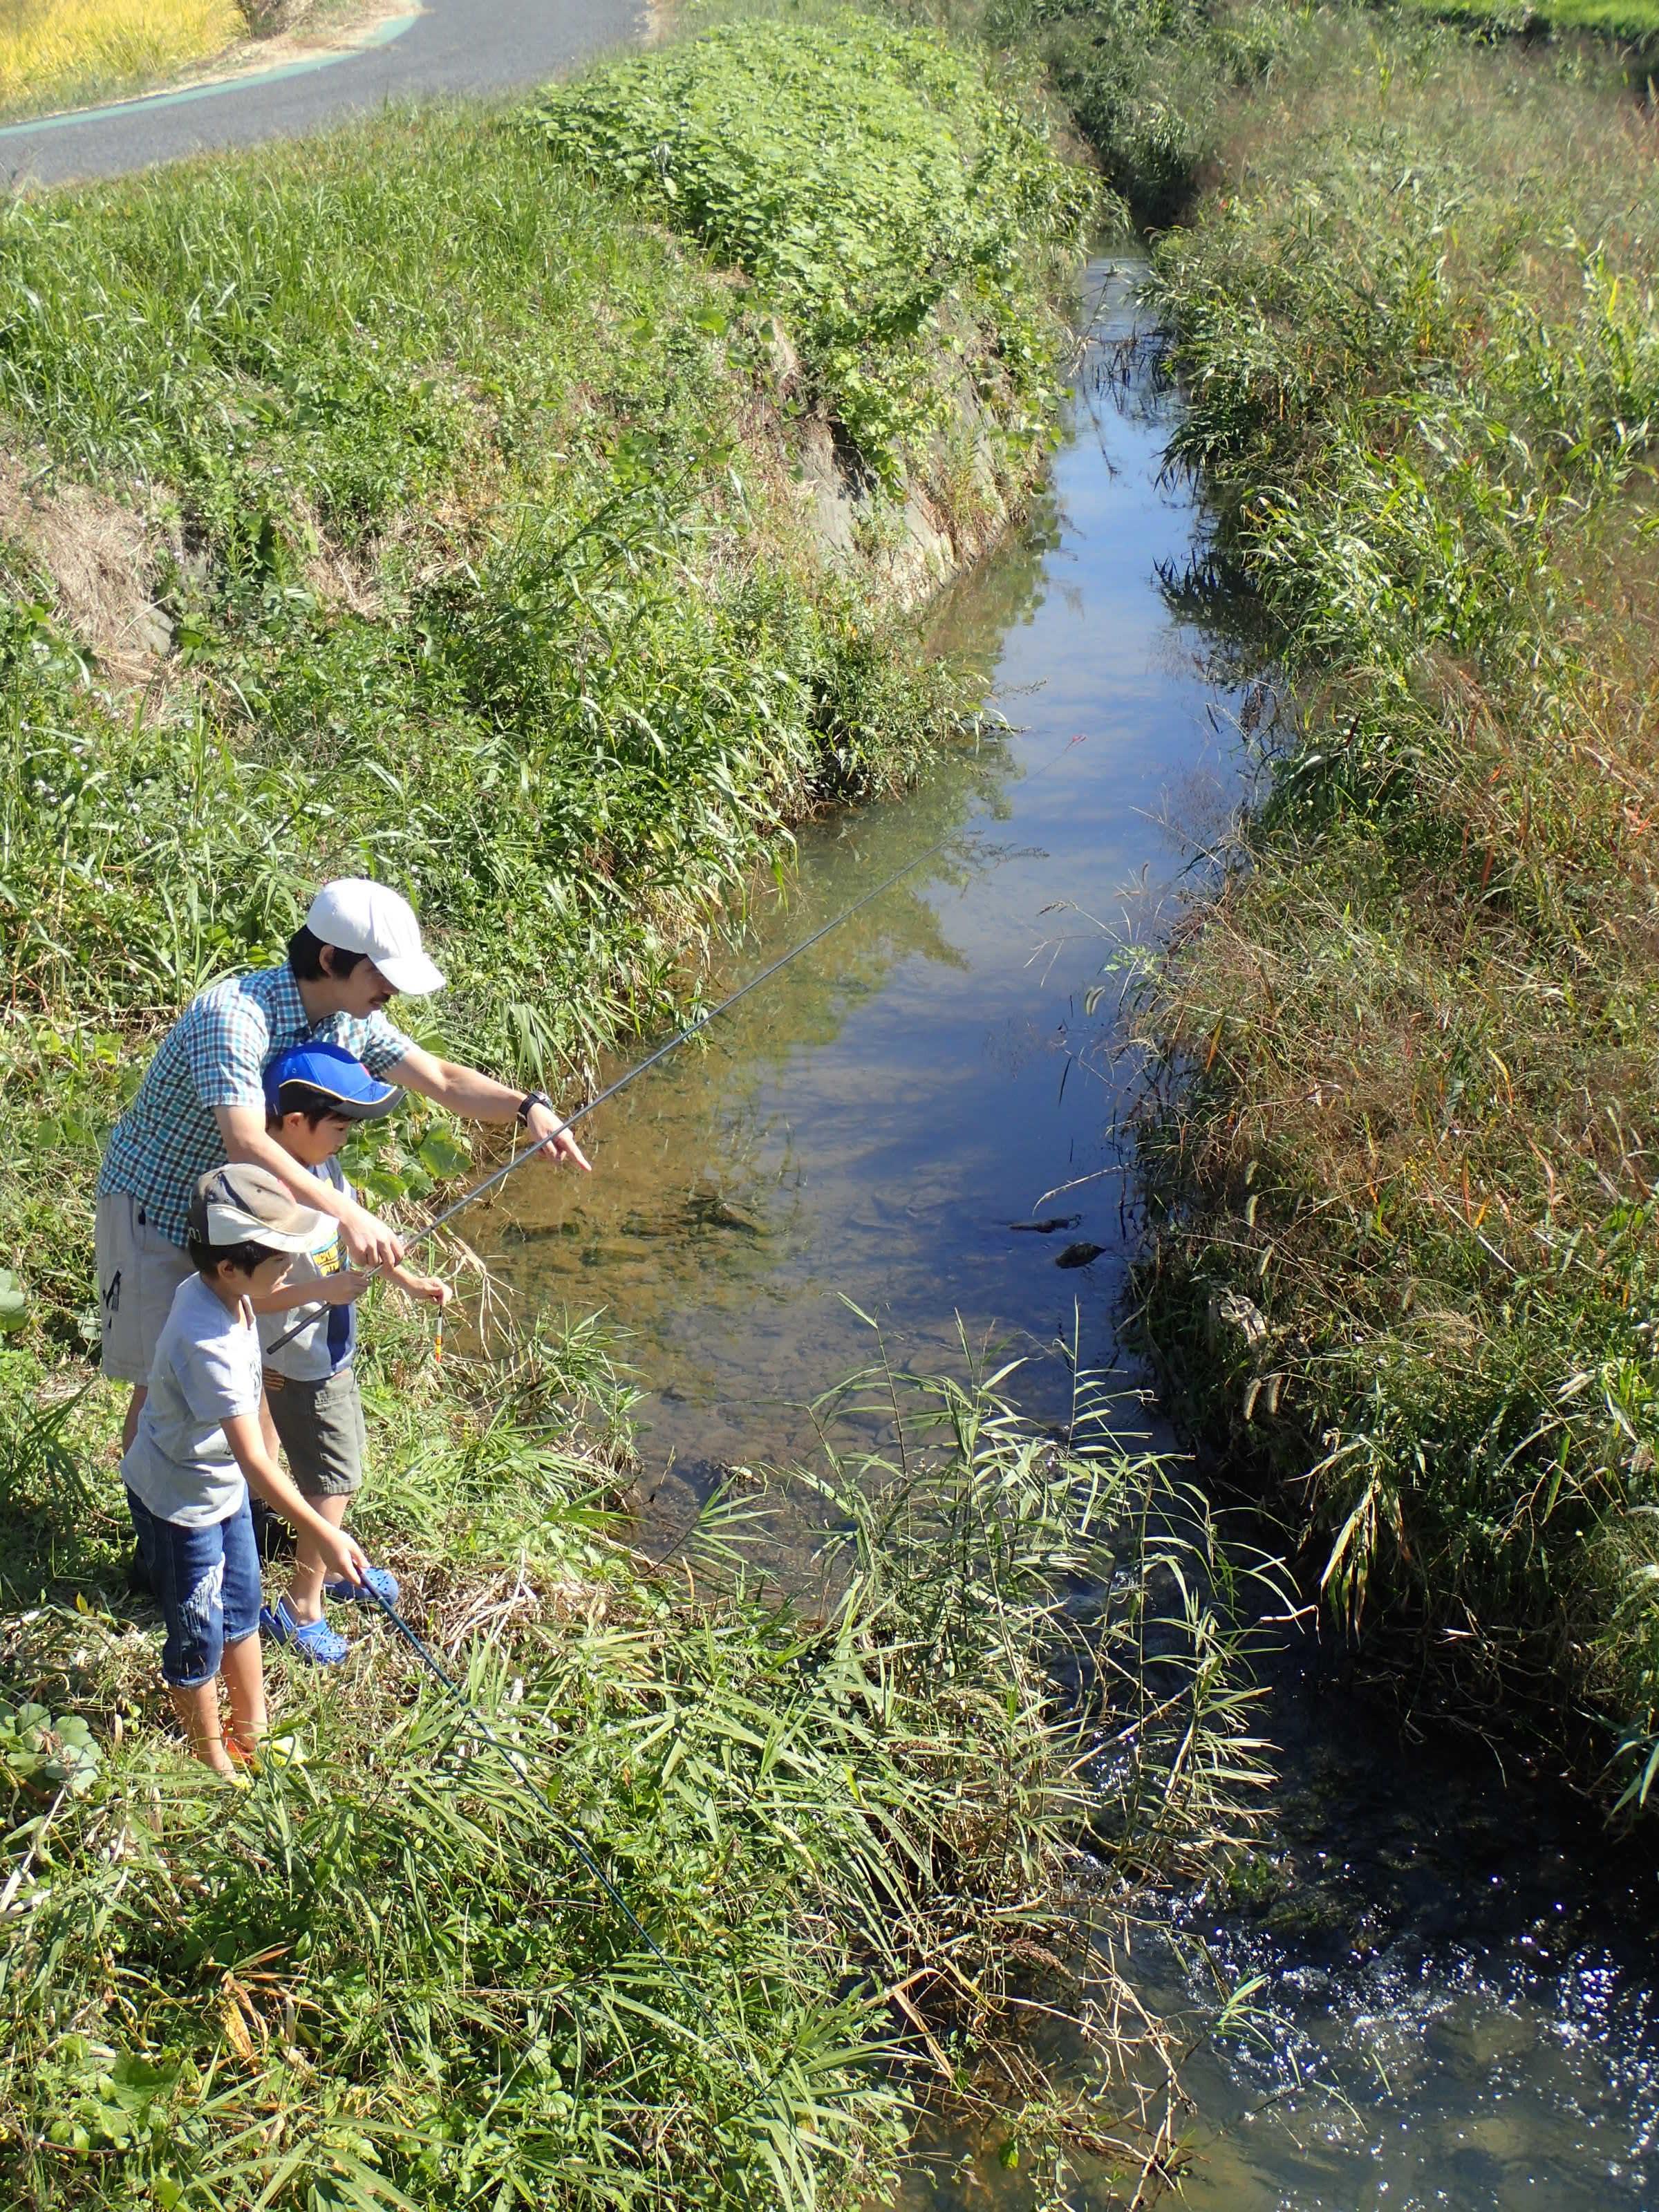 豊田市 ふるさとの川づくり事業「第2回岩本川探検隊」を実施しました!